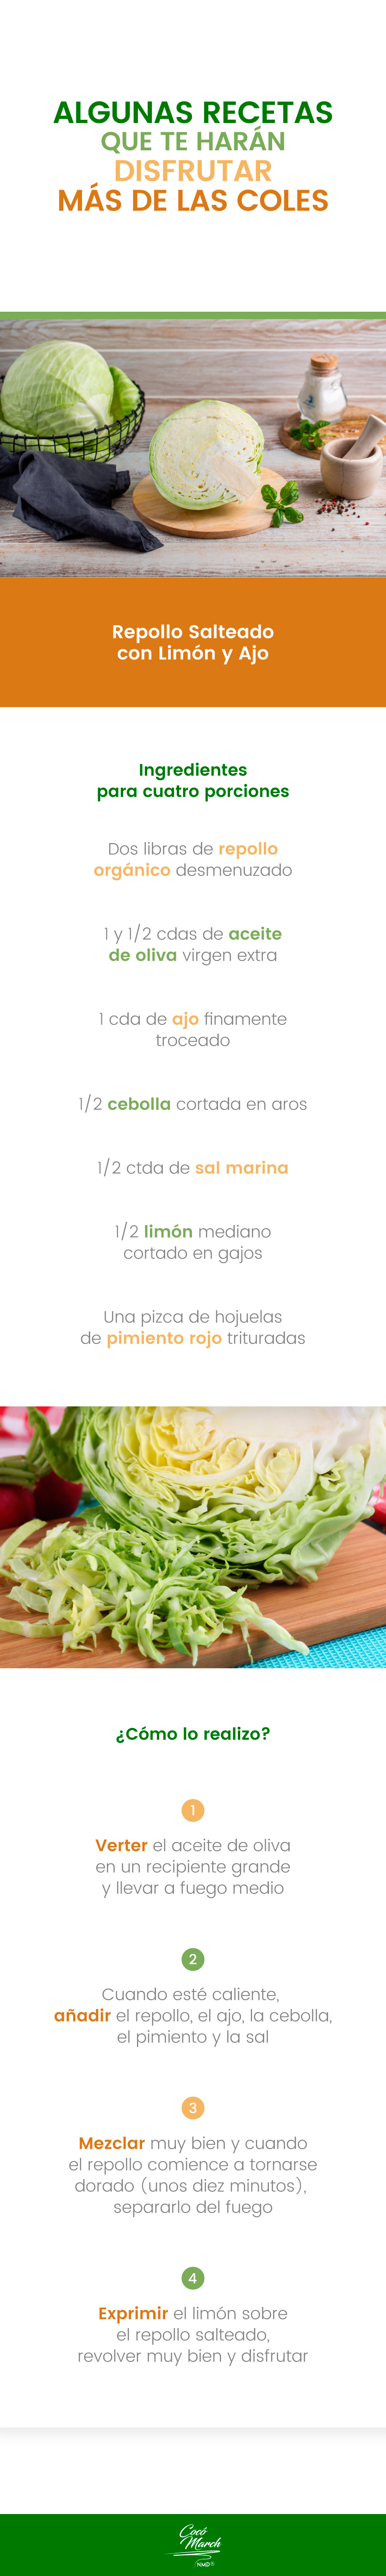 recetas-de-coles